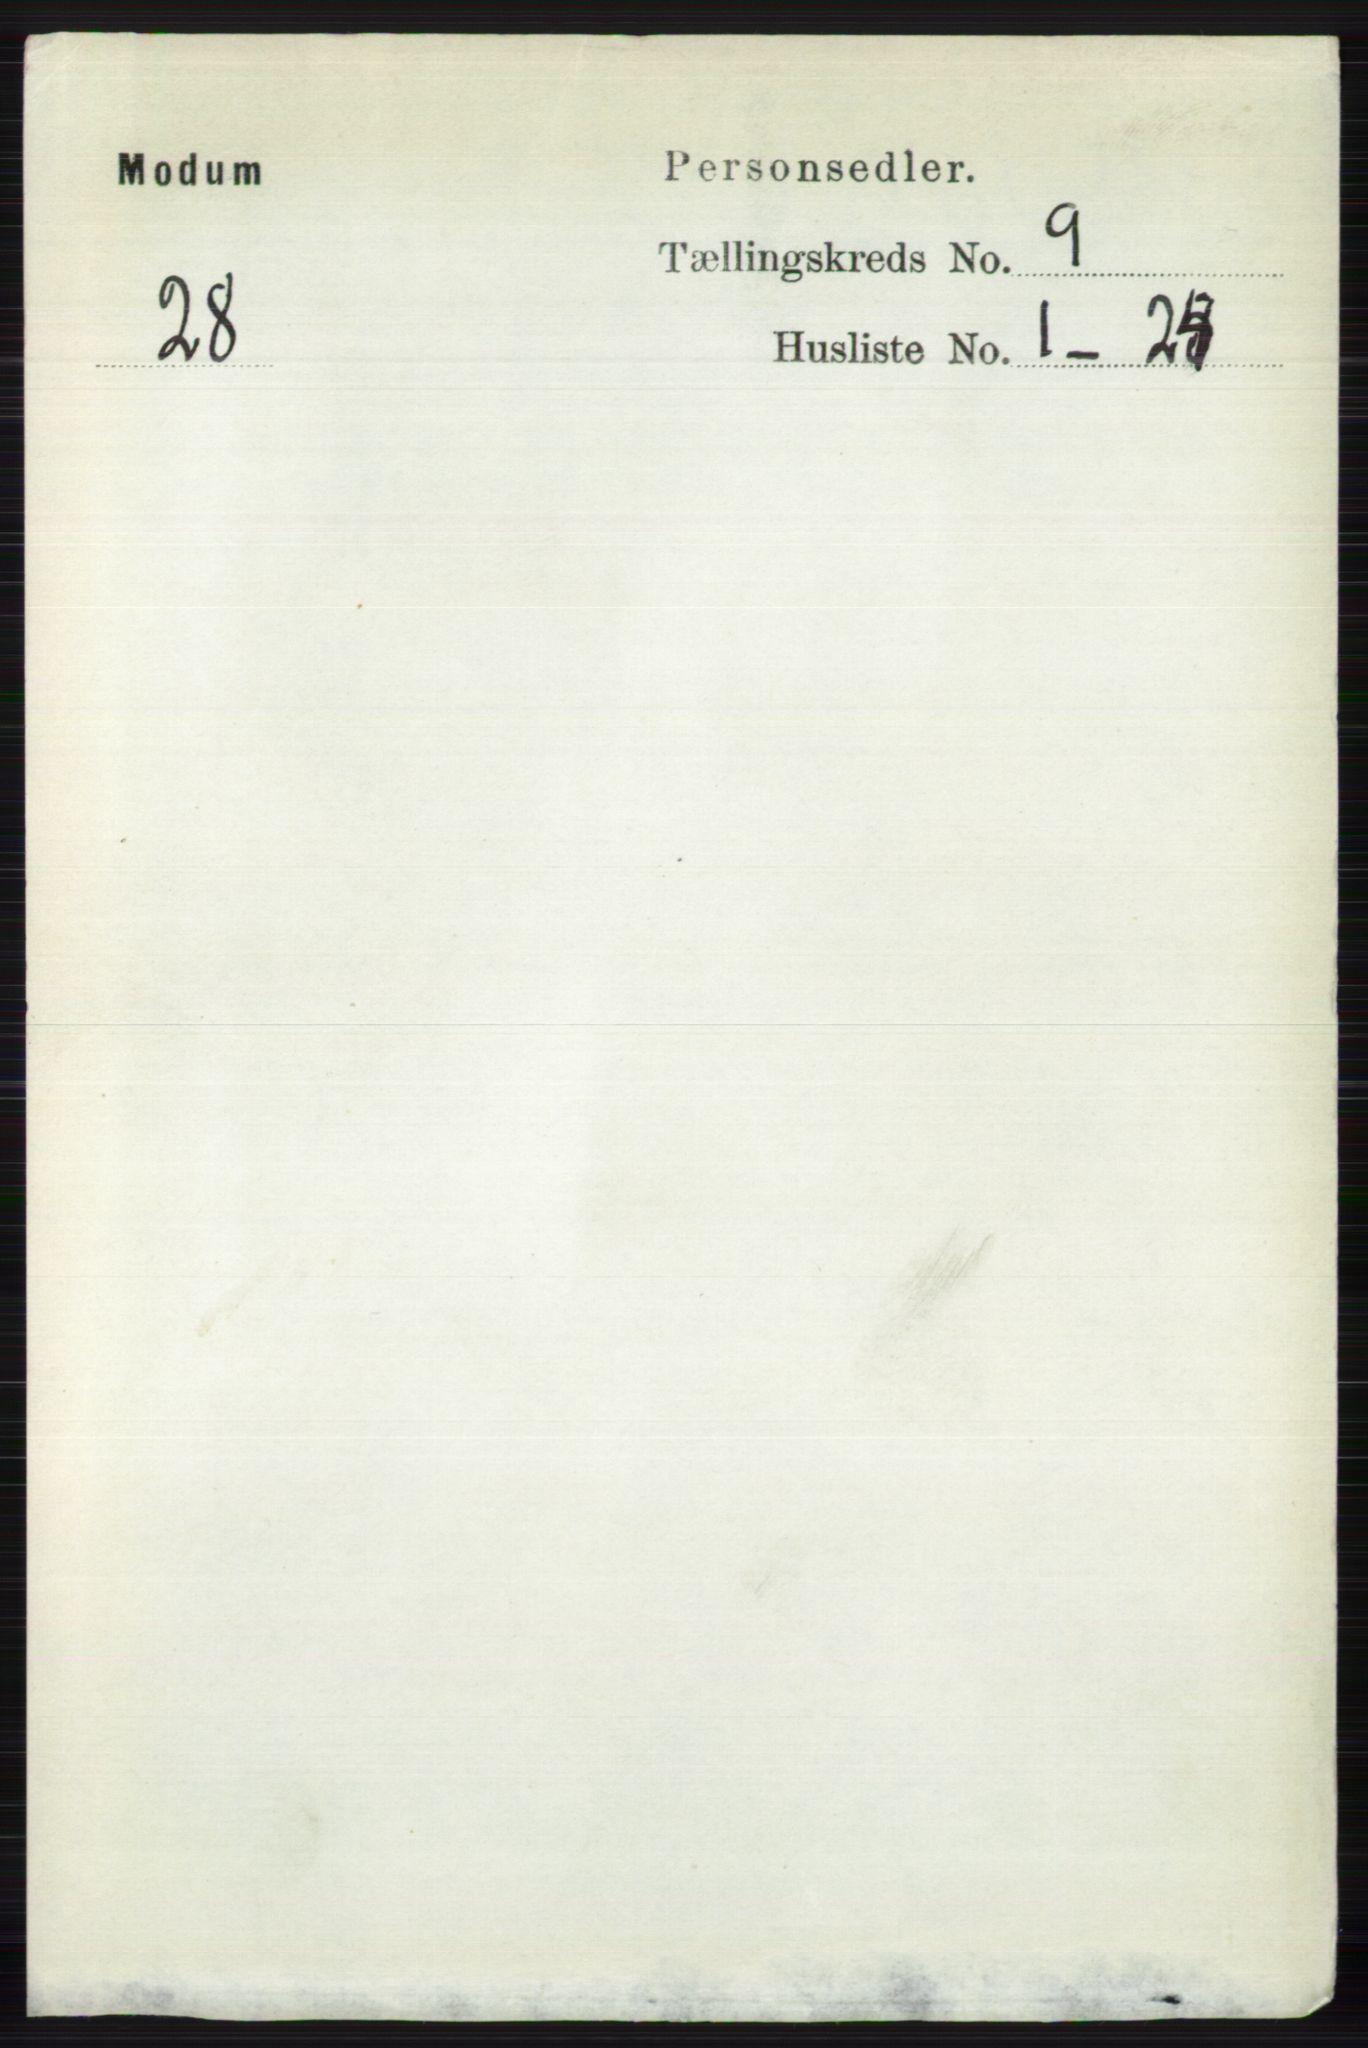 RA, Folketelling 1891 for 0623 Modum herred, 1891, s. 3454